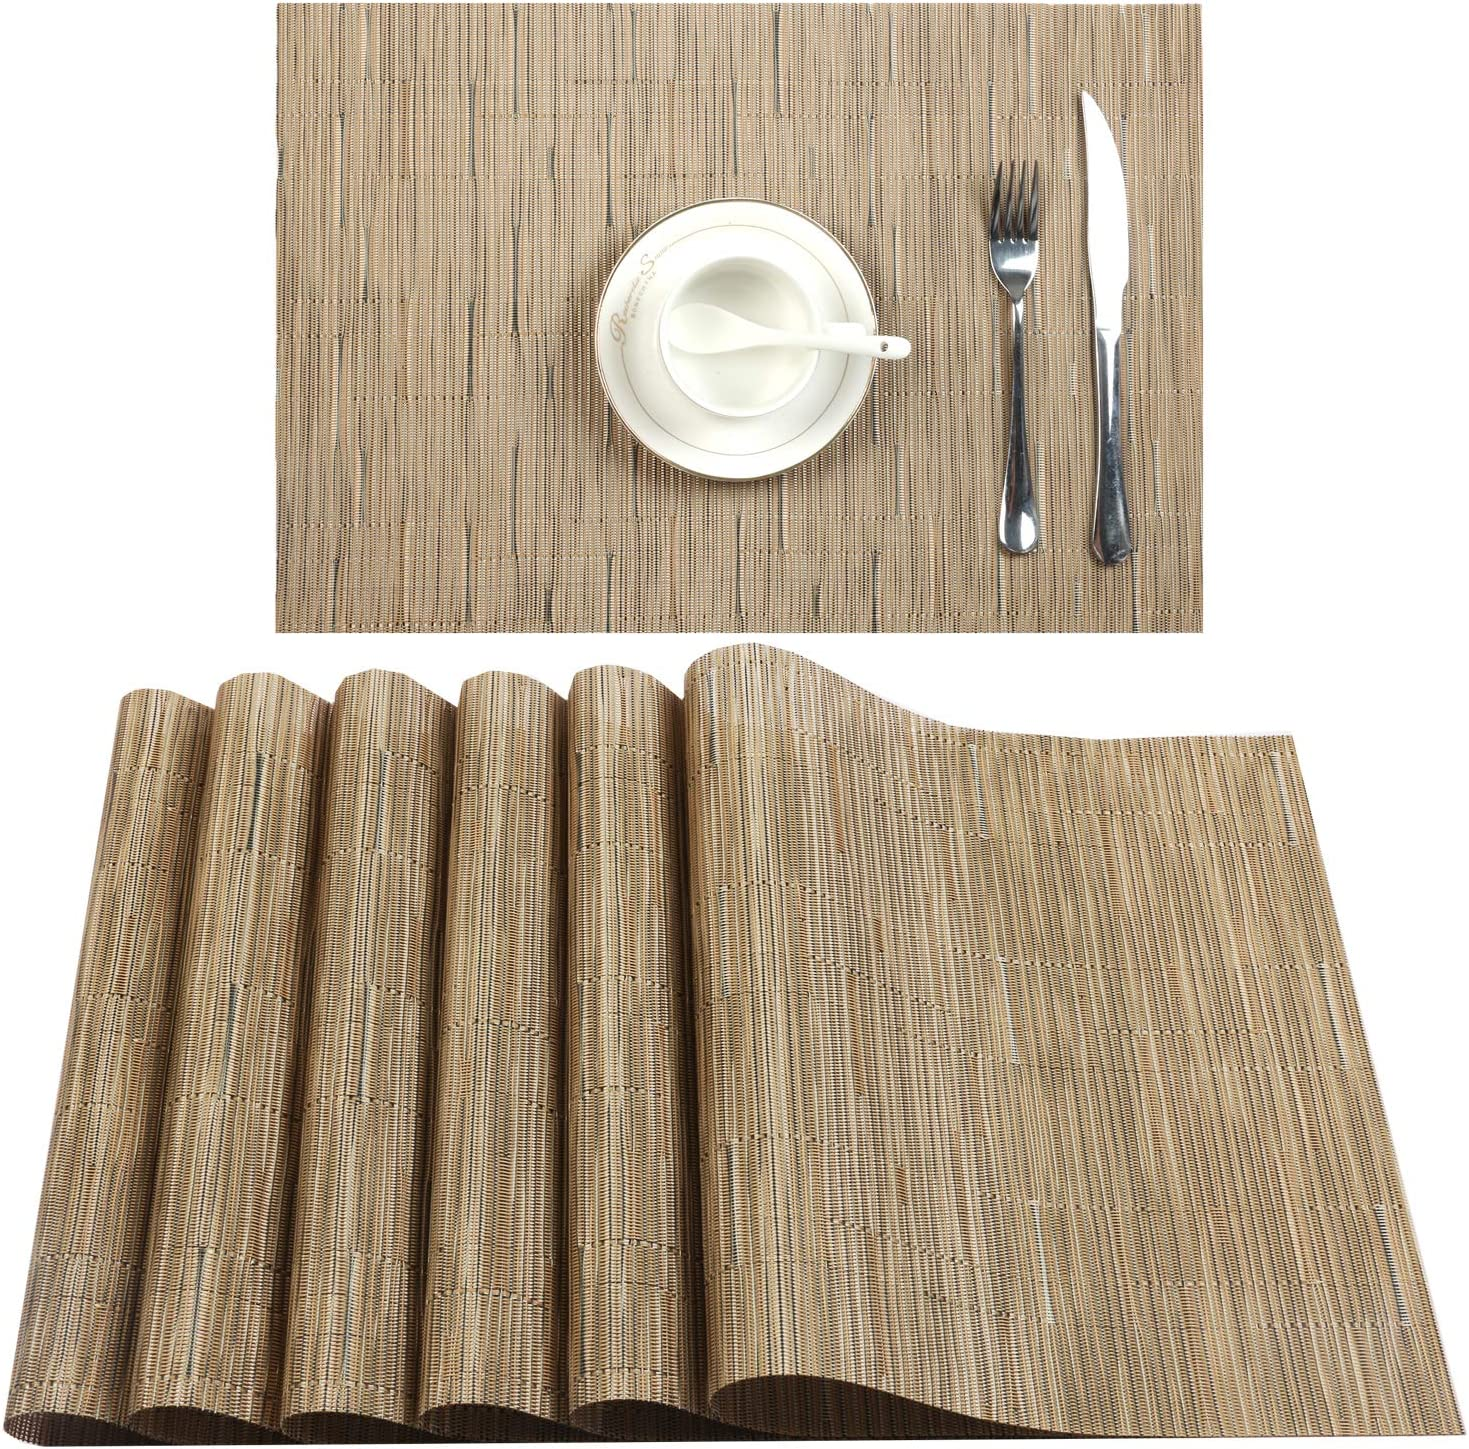 U'Artlines Placemat, Crossweave Woven Vinyl Non-Slip Insulation Placemat Washable Table Mats Set (6pcs placemats, B Beige)